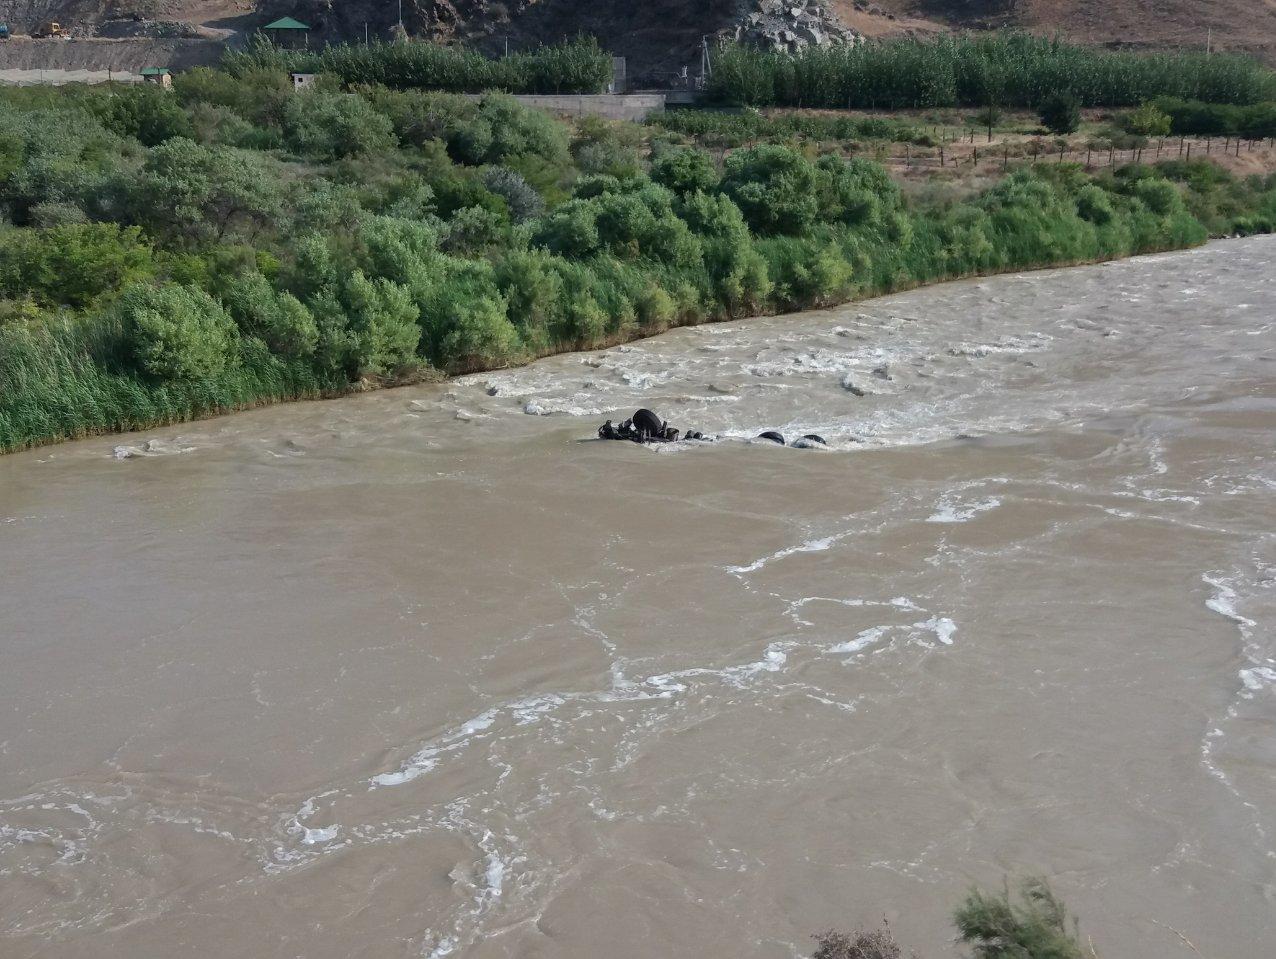 سقوط کامیون به رود ارس/از سرنوشت راننده اطلاعی در دست نیست (+عکس)